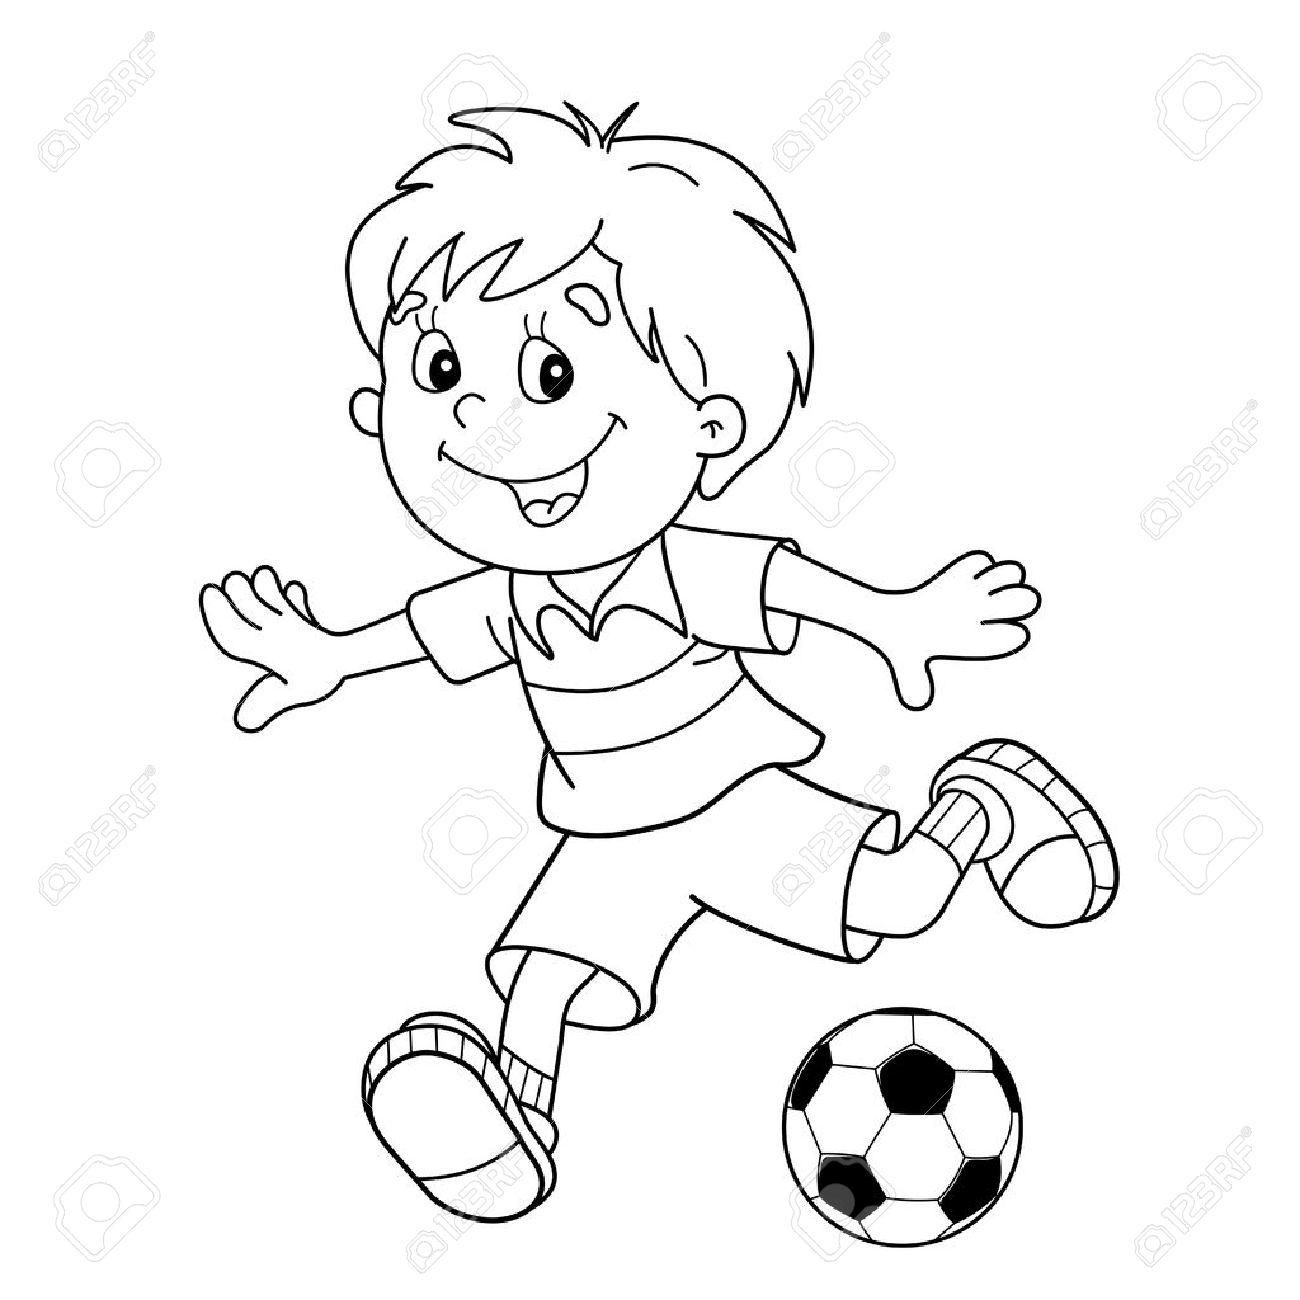 Coloriage Outline Of Garçon De Bande Dessinée Avec Un Ballon De Football Football Livre De Coloriage Pour Les Enfants